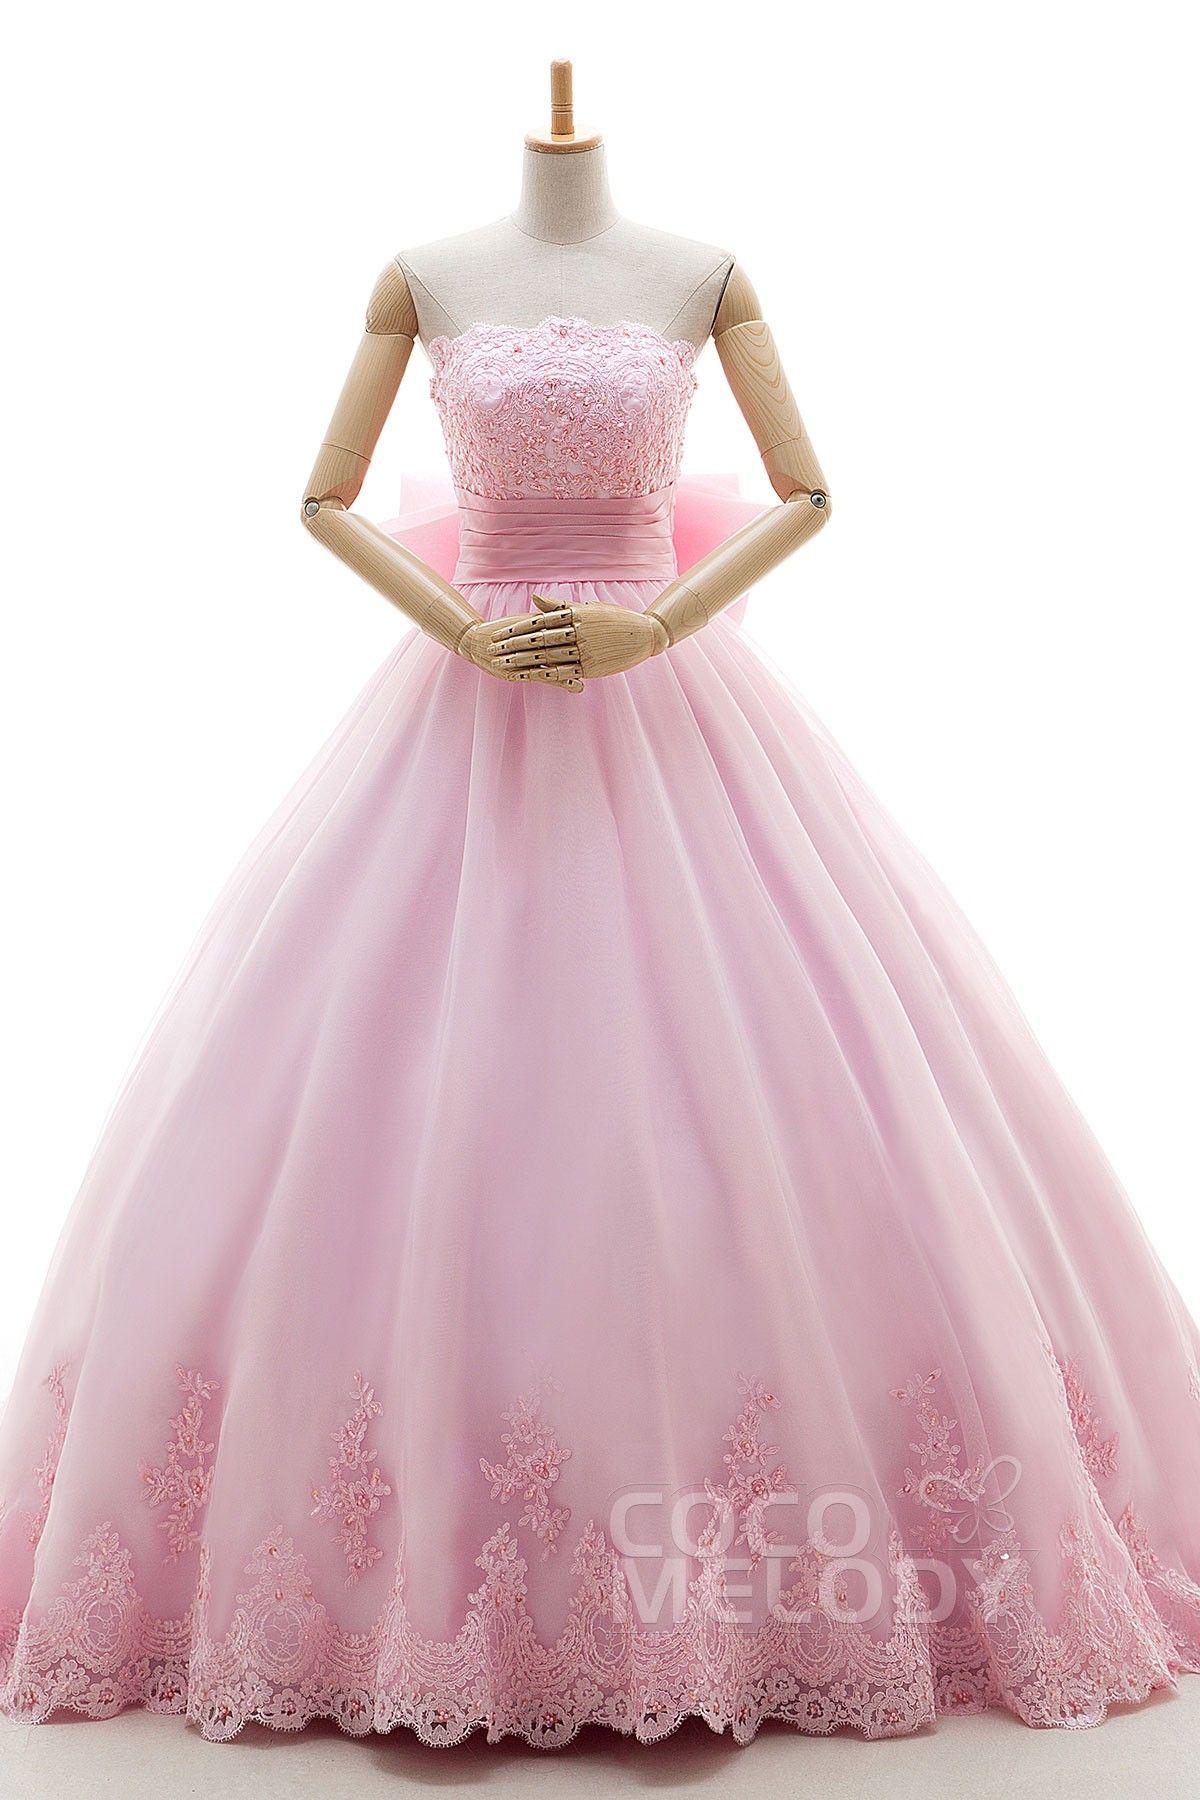 Pin de noriri en dress | Pinterest | Vestidos de novia de tul ...